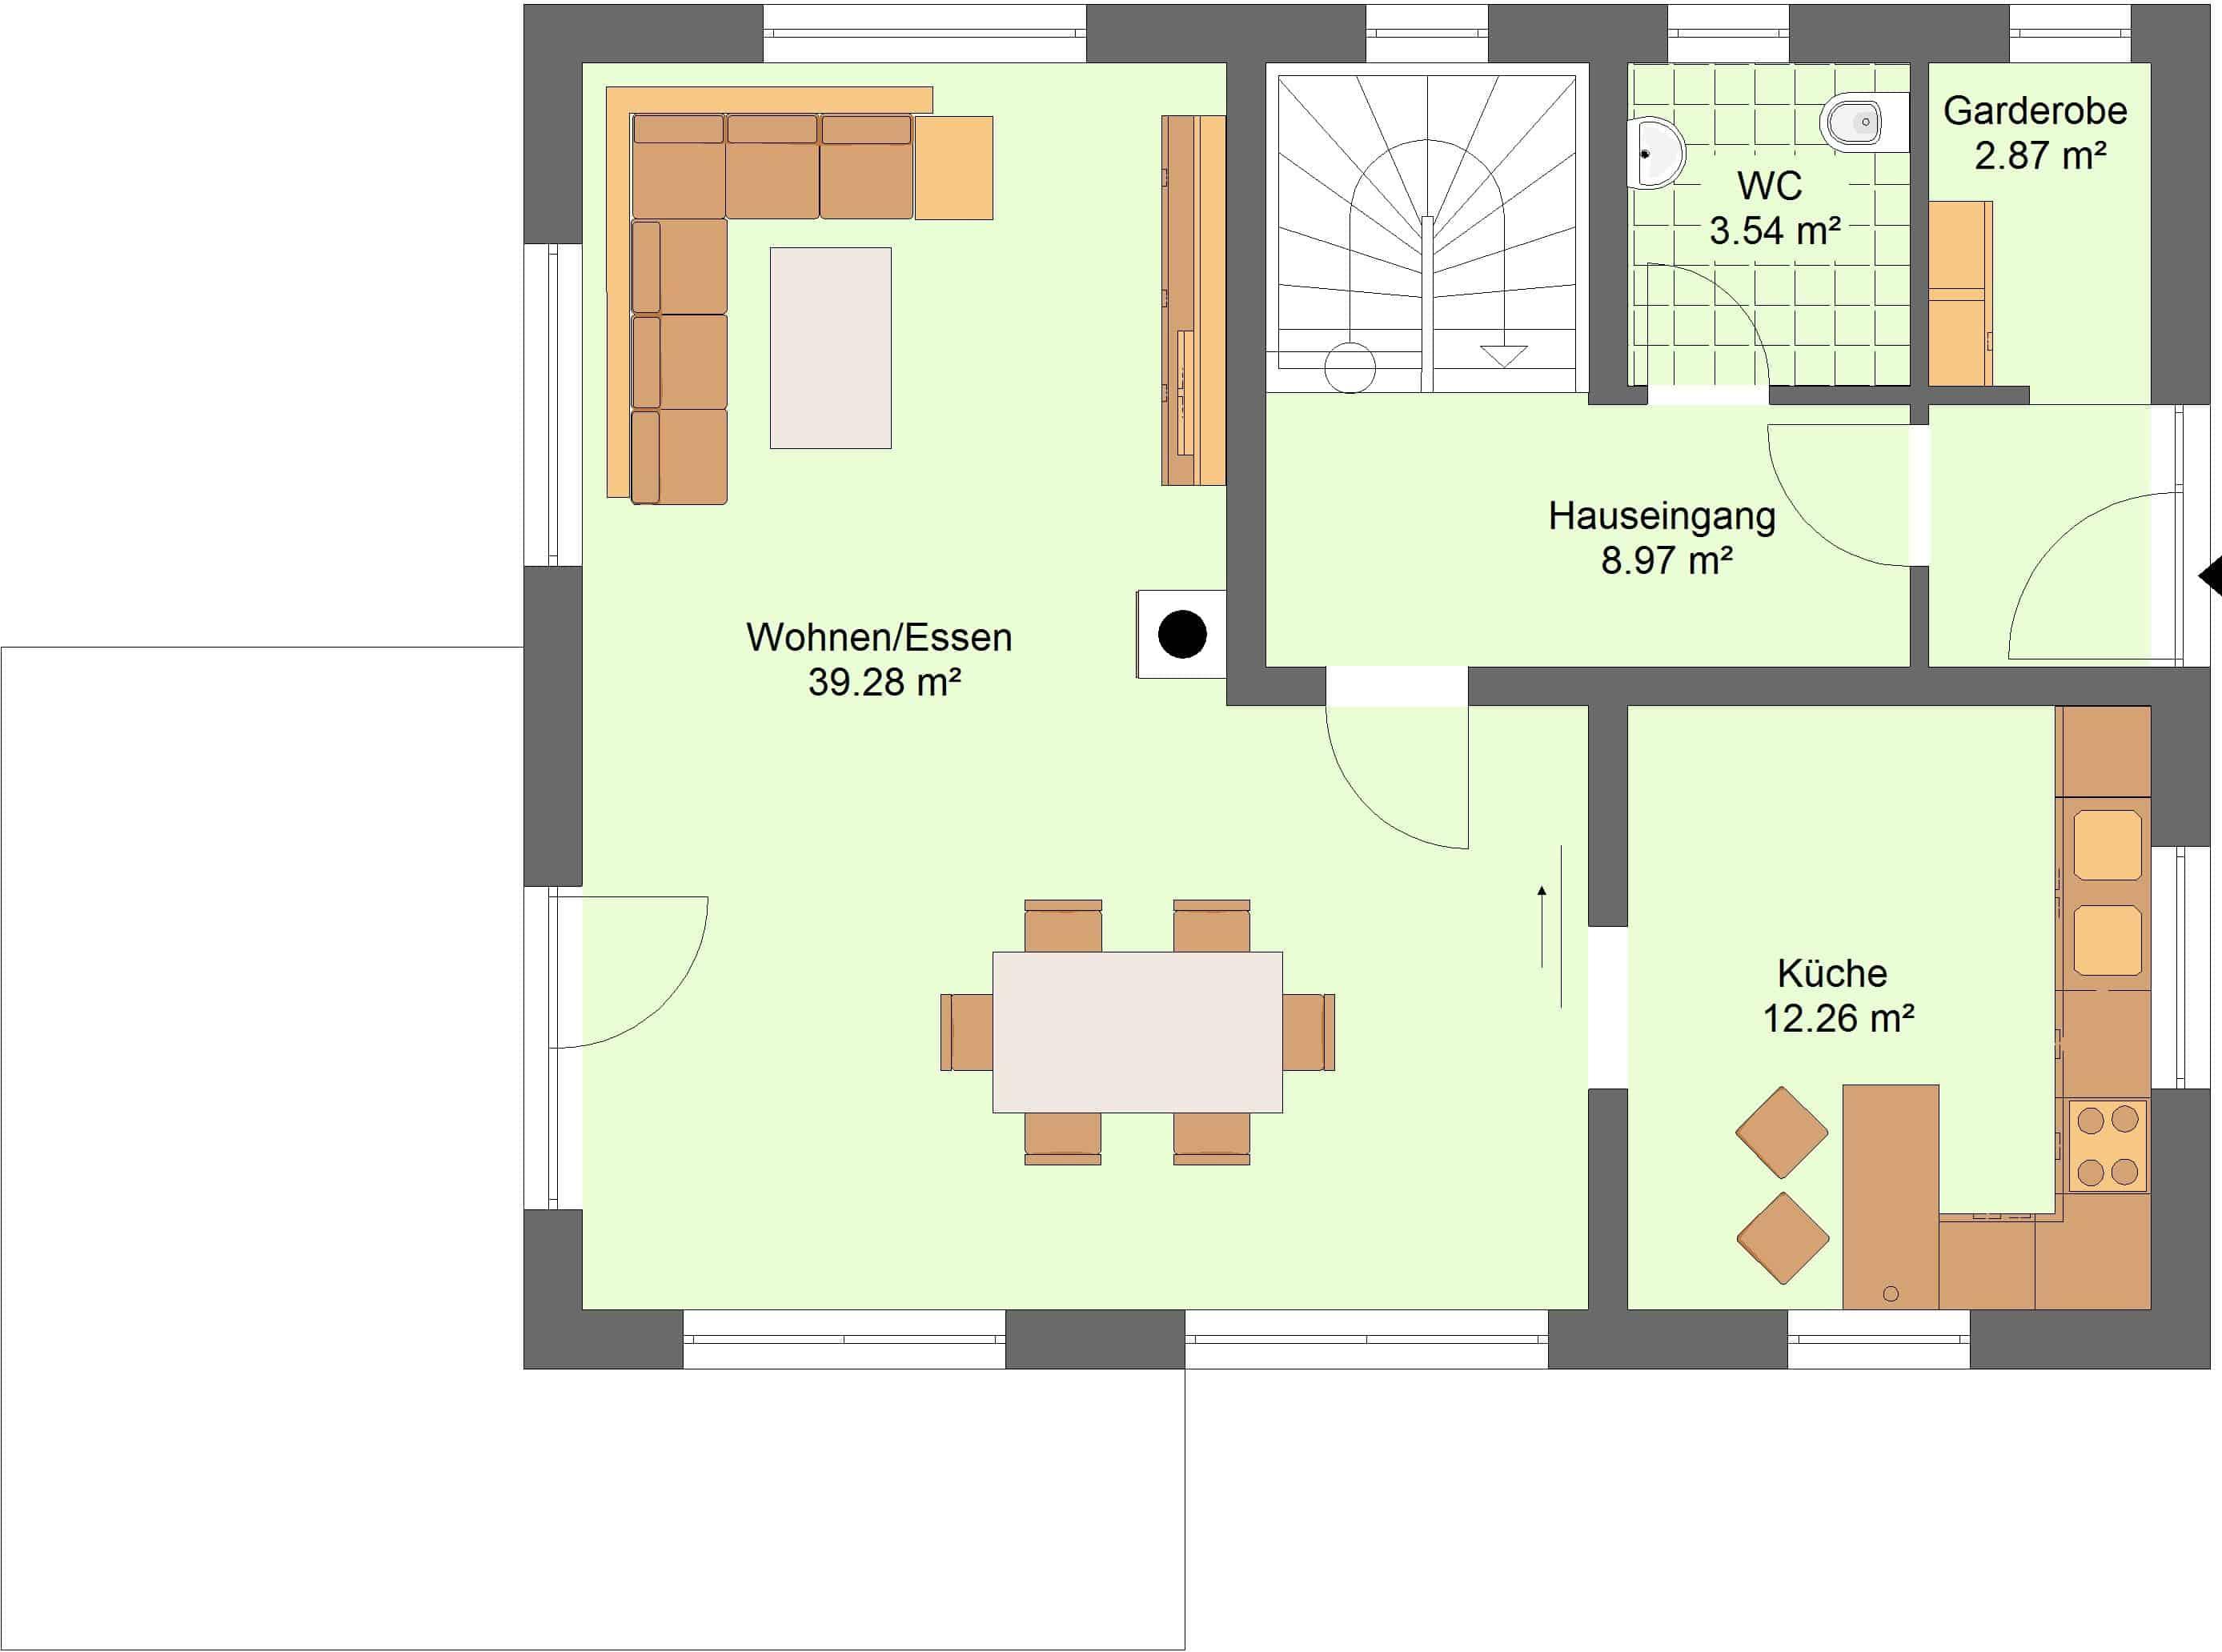 Einfamilienhaus am Hanggrundstück mit Garagen im Keller in 36277 ...